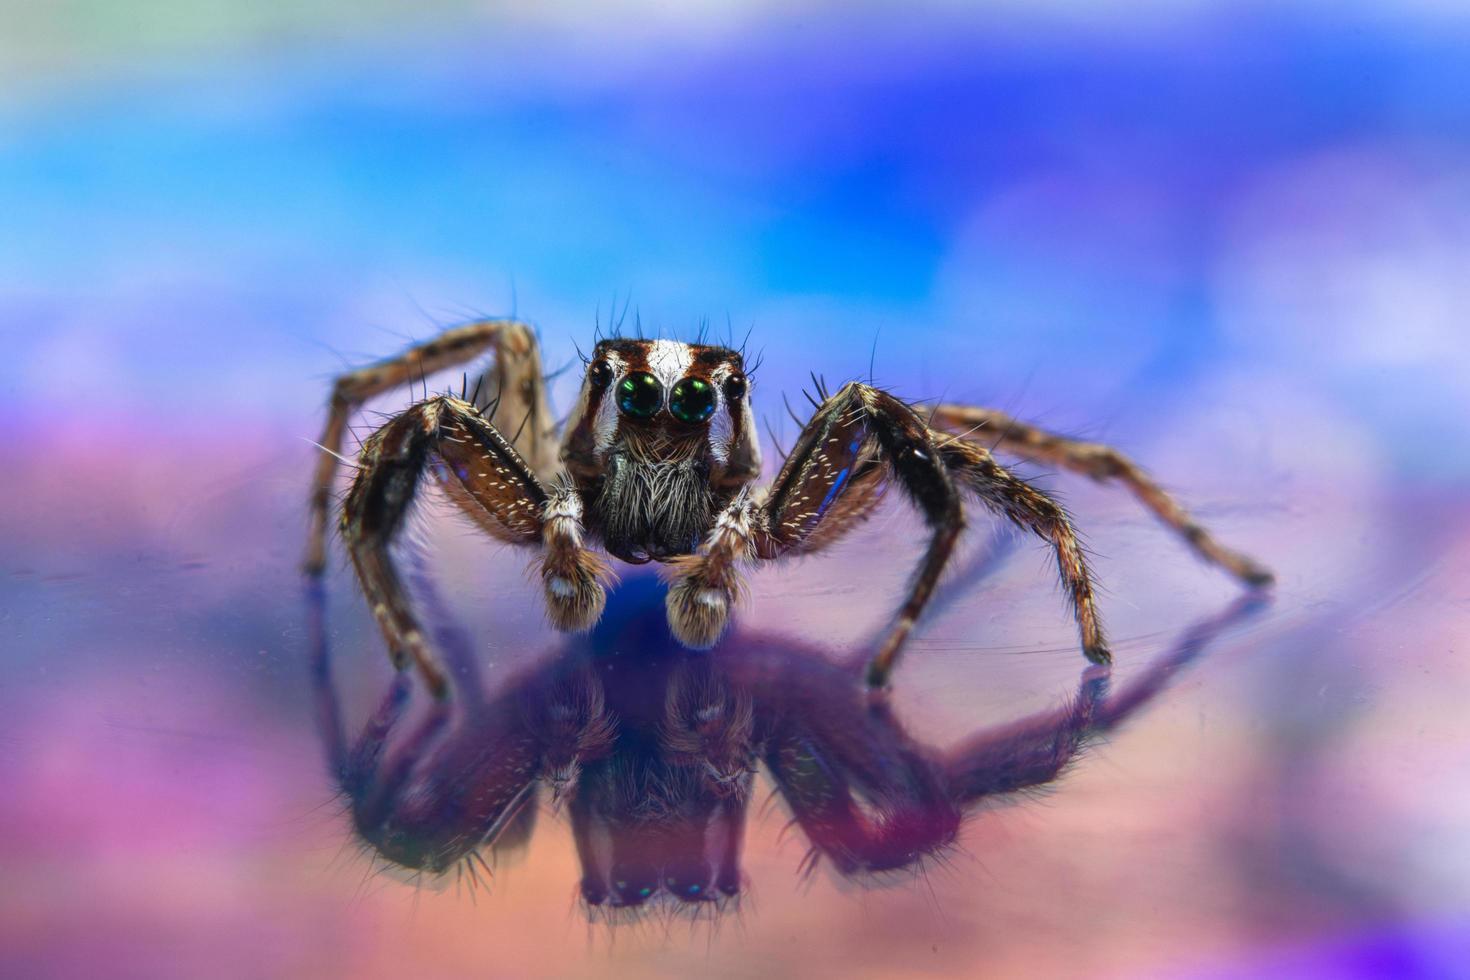 Spinne auf einem bunten Hintergrund foto